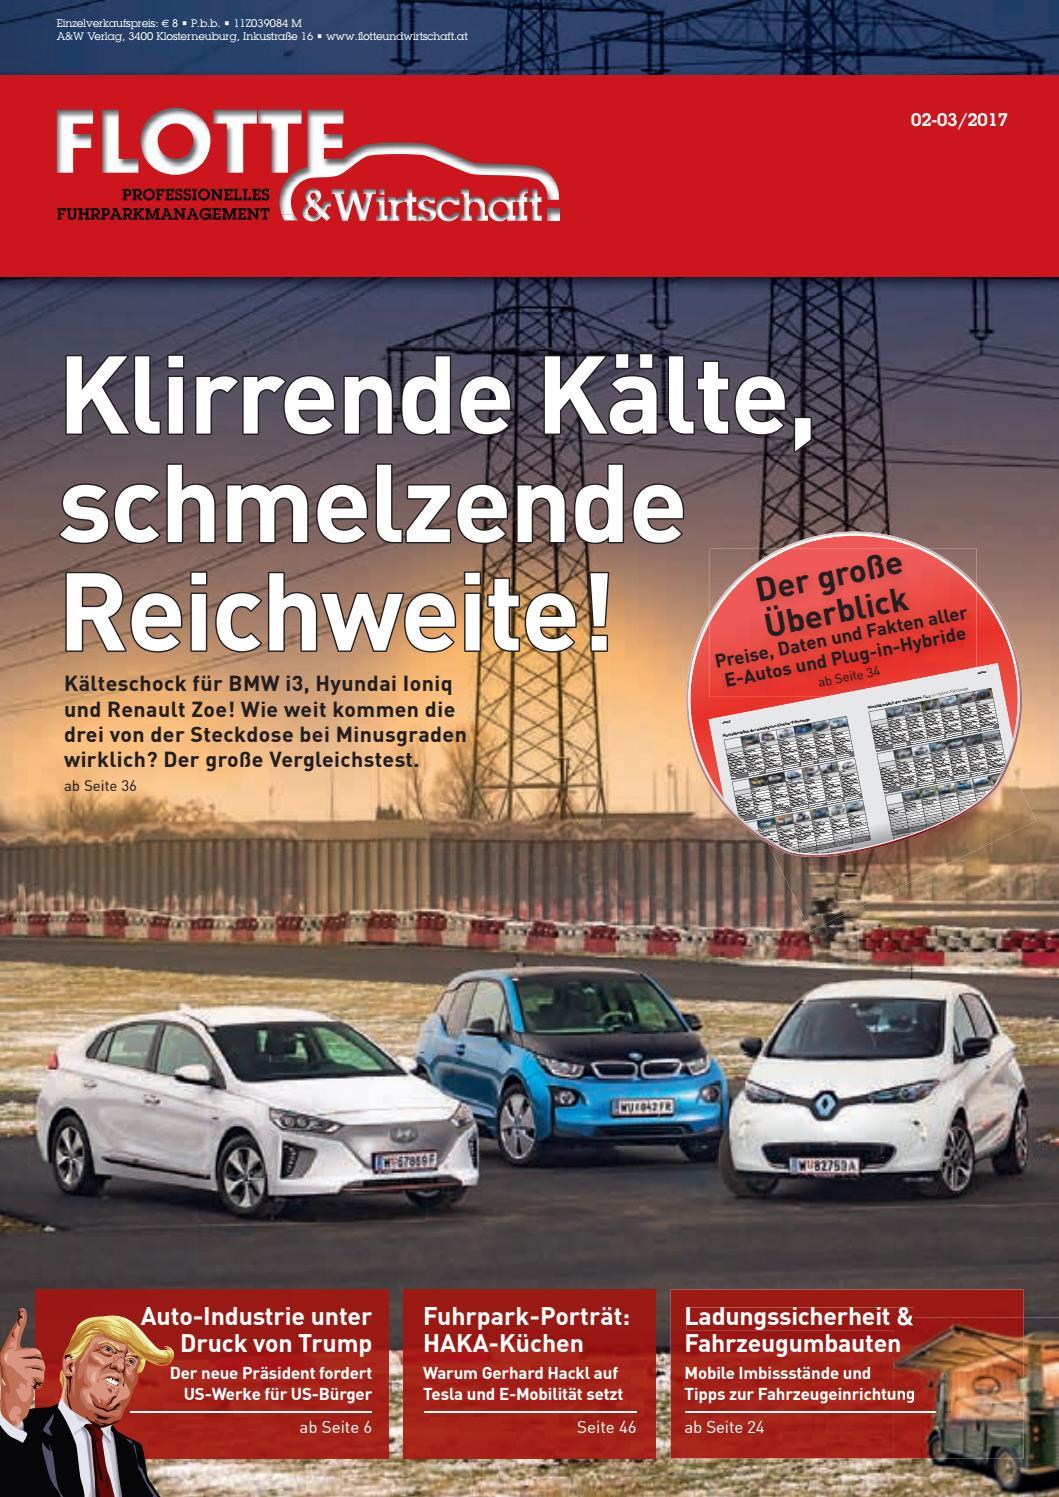 Flotte & Wirtschaft 2-3 by A&W Verlag GmbH - issuu